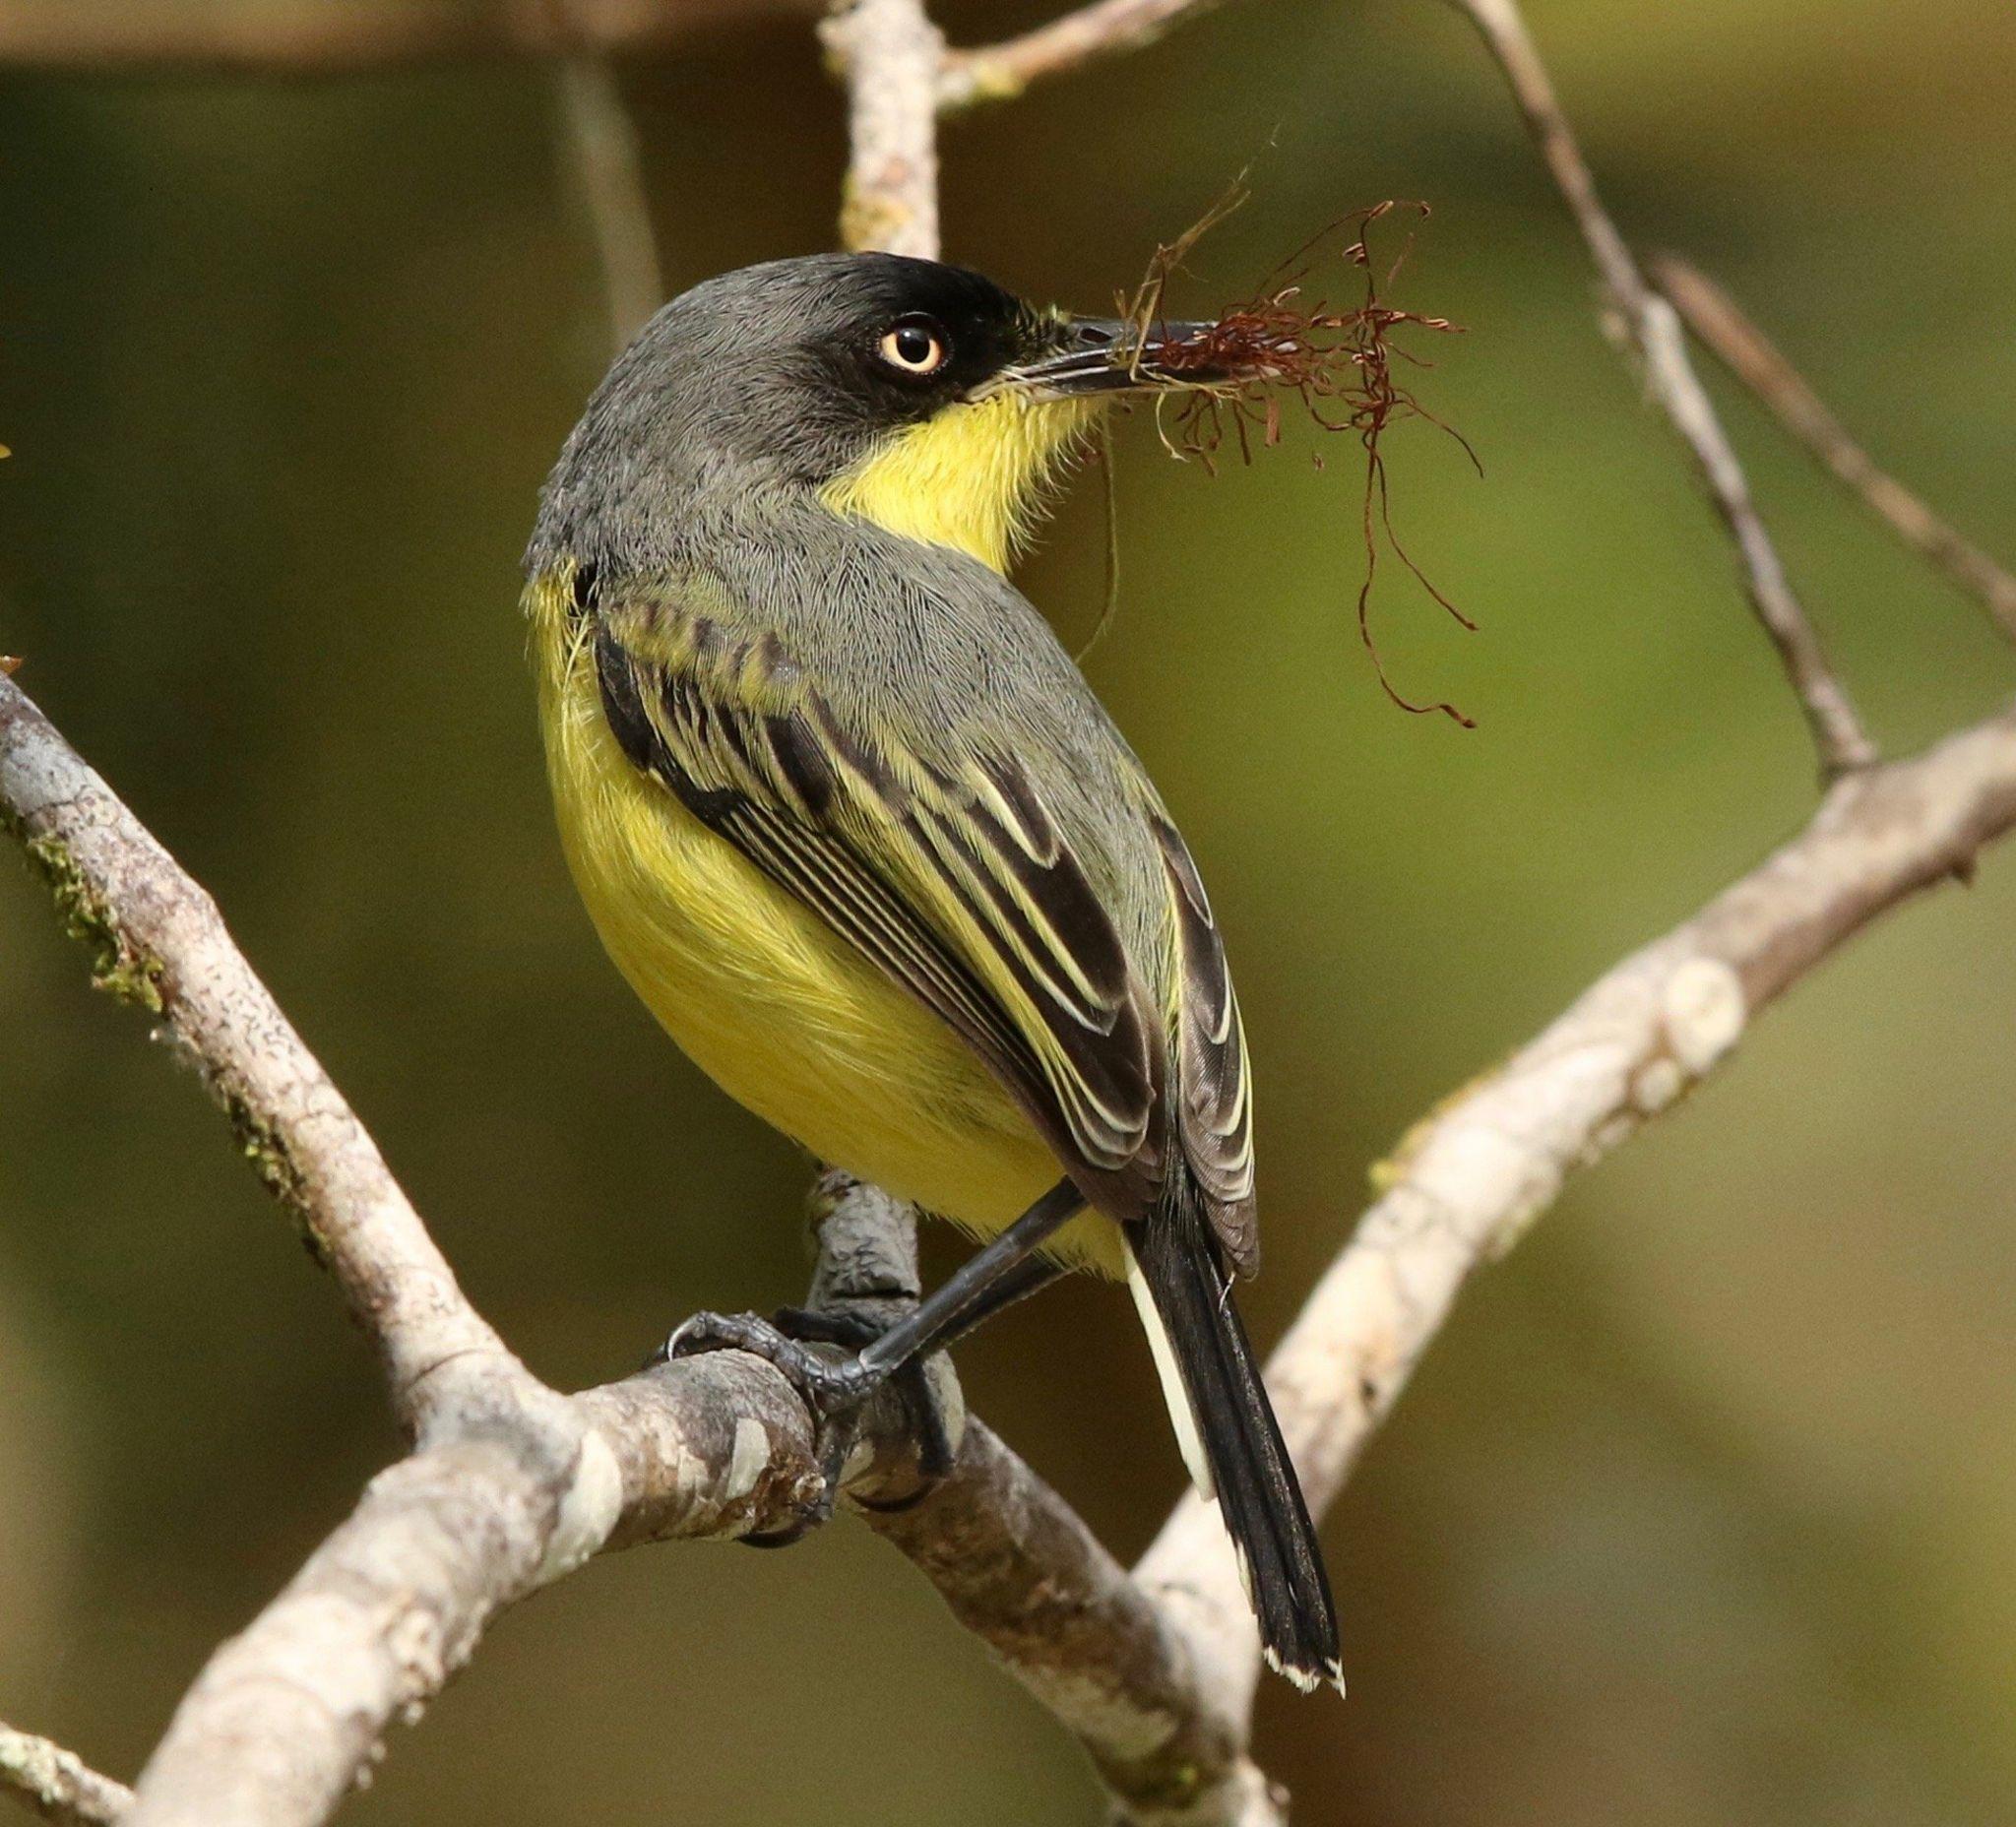 Common Tody-flycatcher, Todirostrum cinereum